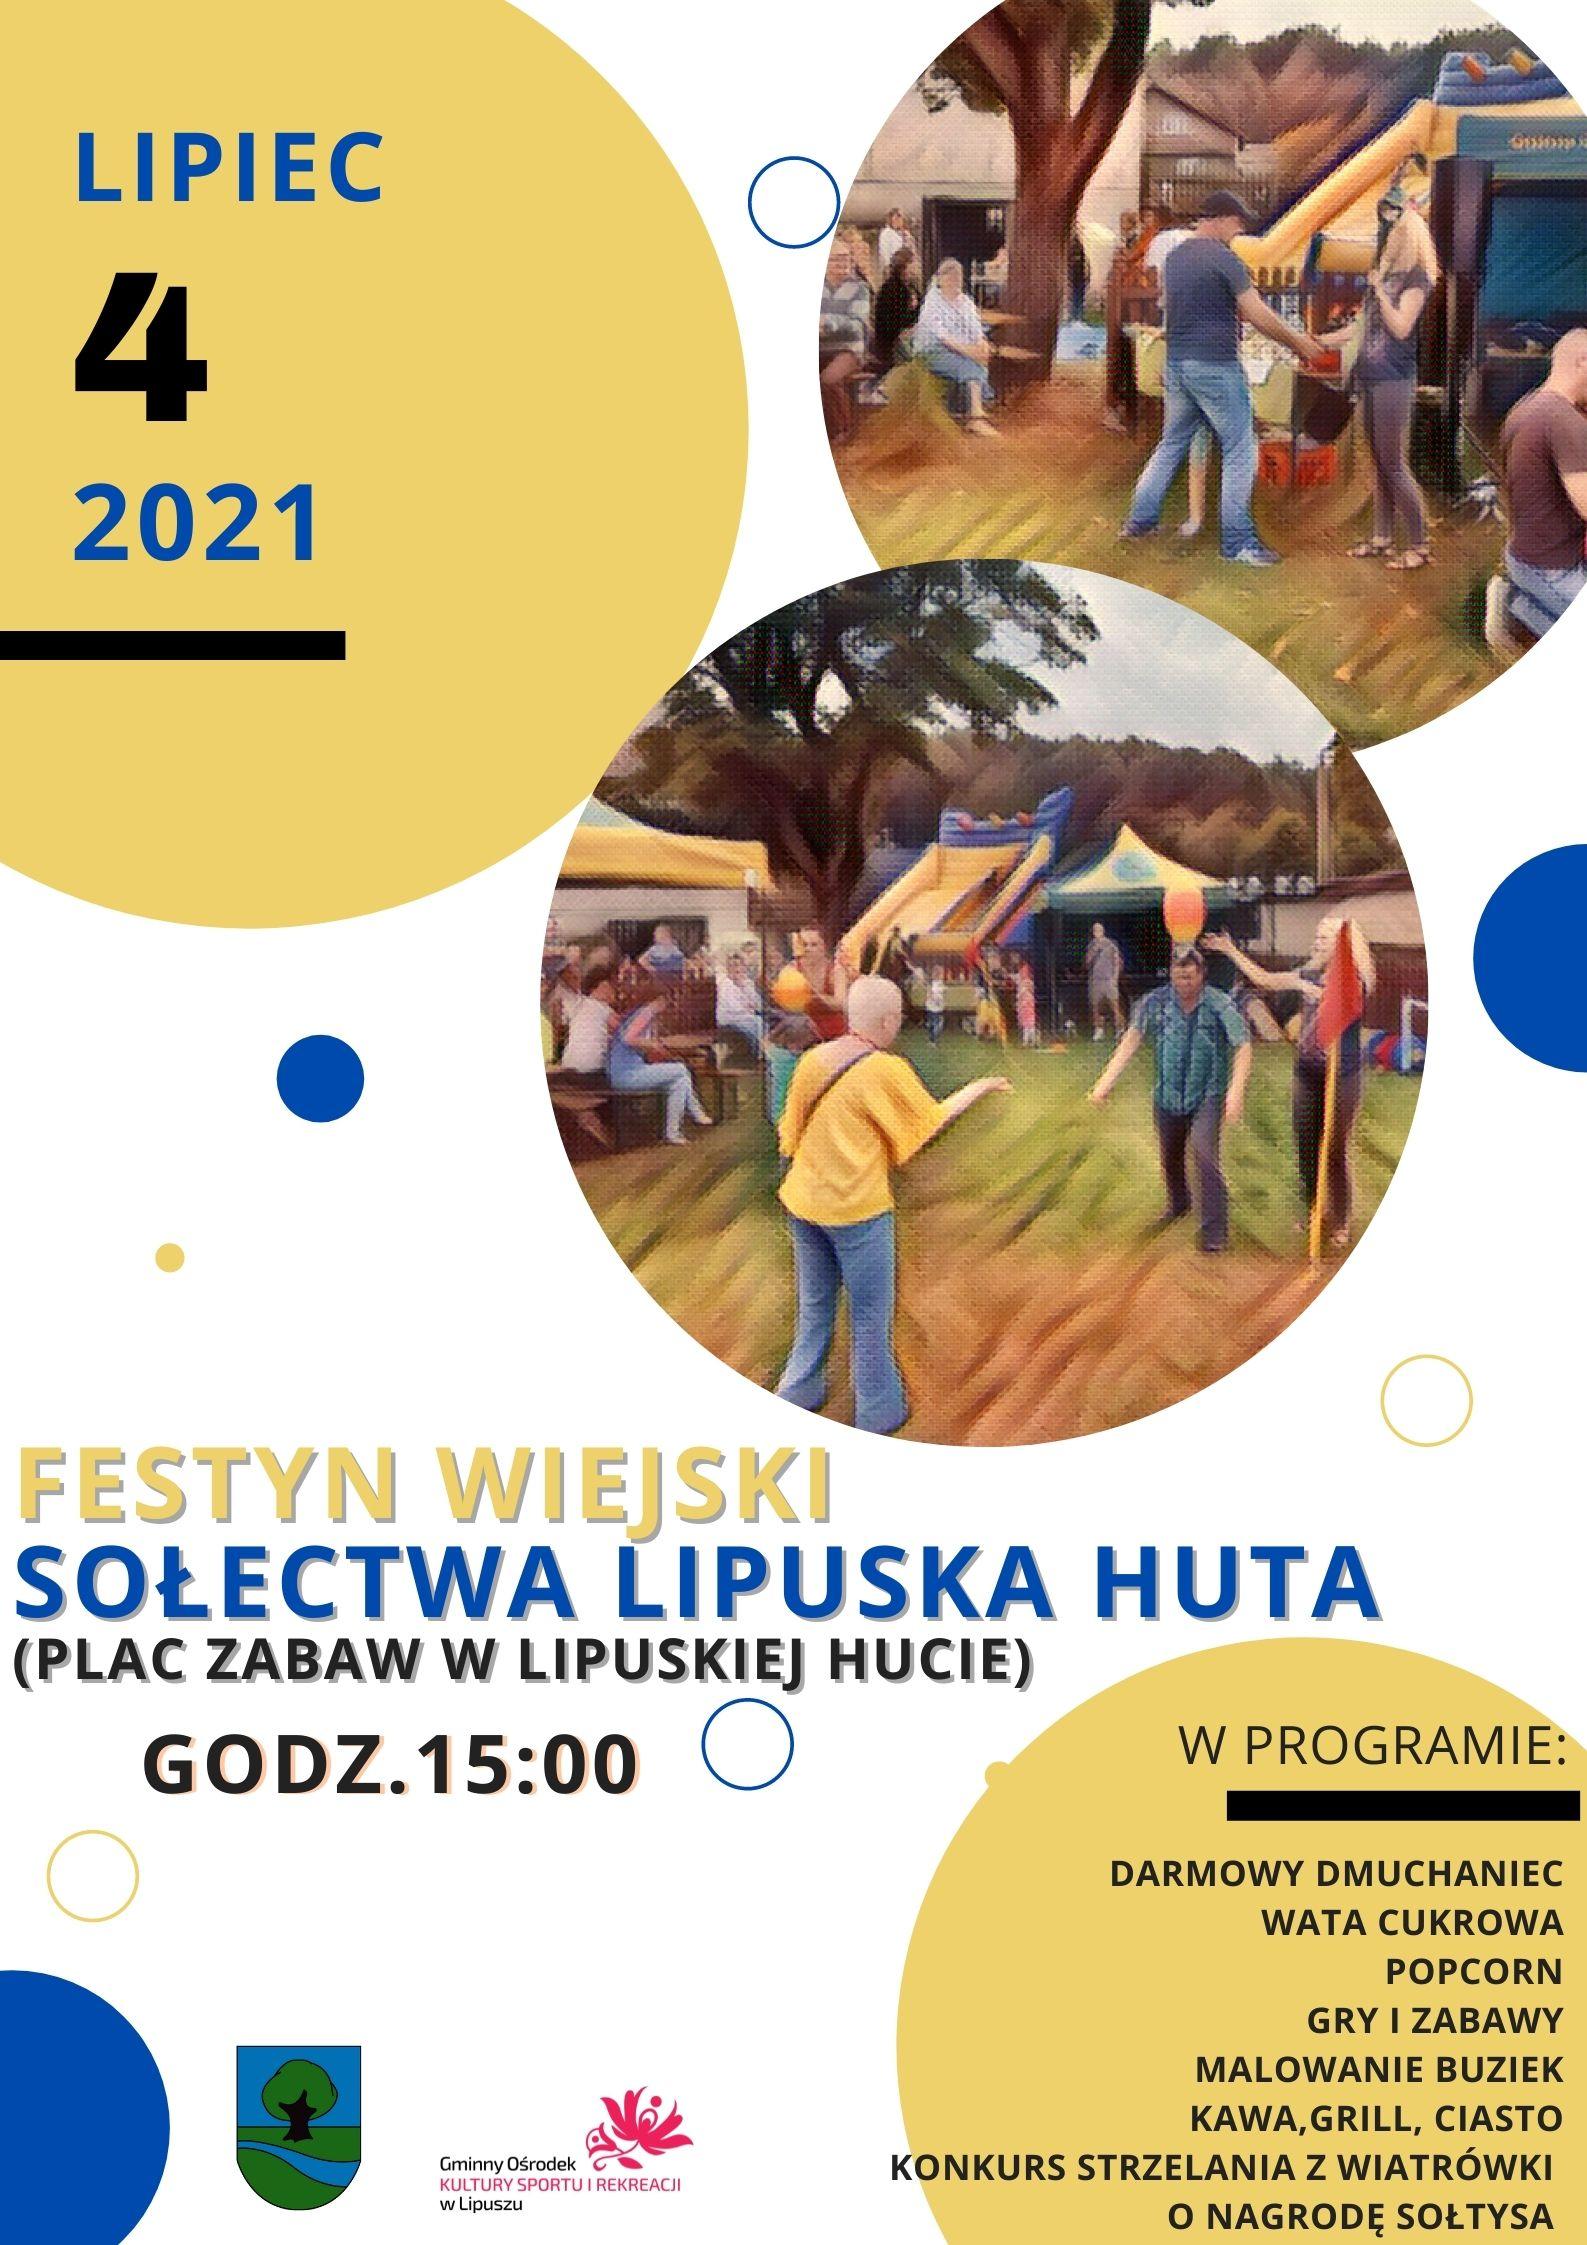 Festyn Wiejski Sołectwa Lipuska Huta (plac zabaw w Lipuskiej Hucie) godz.15:00